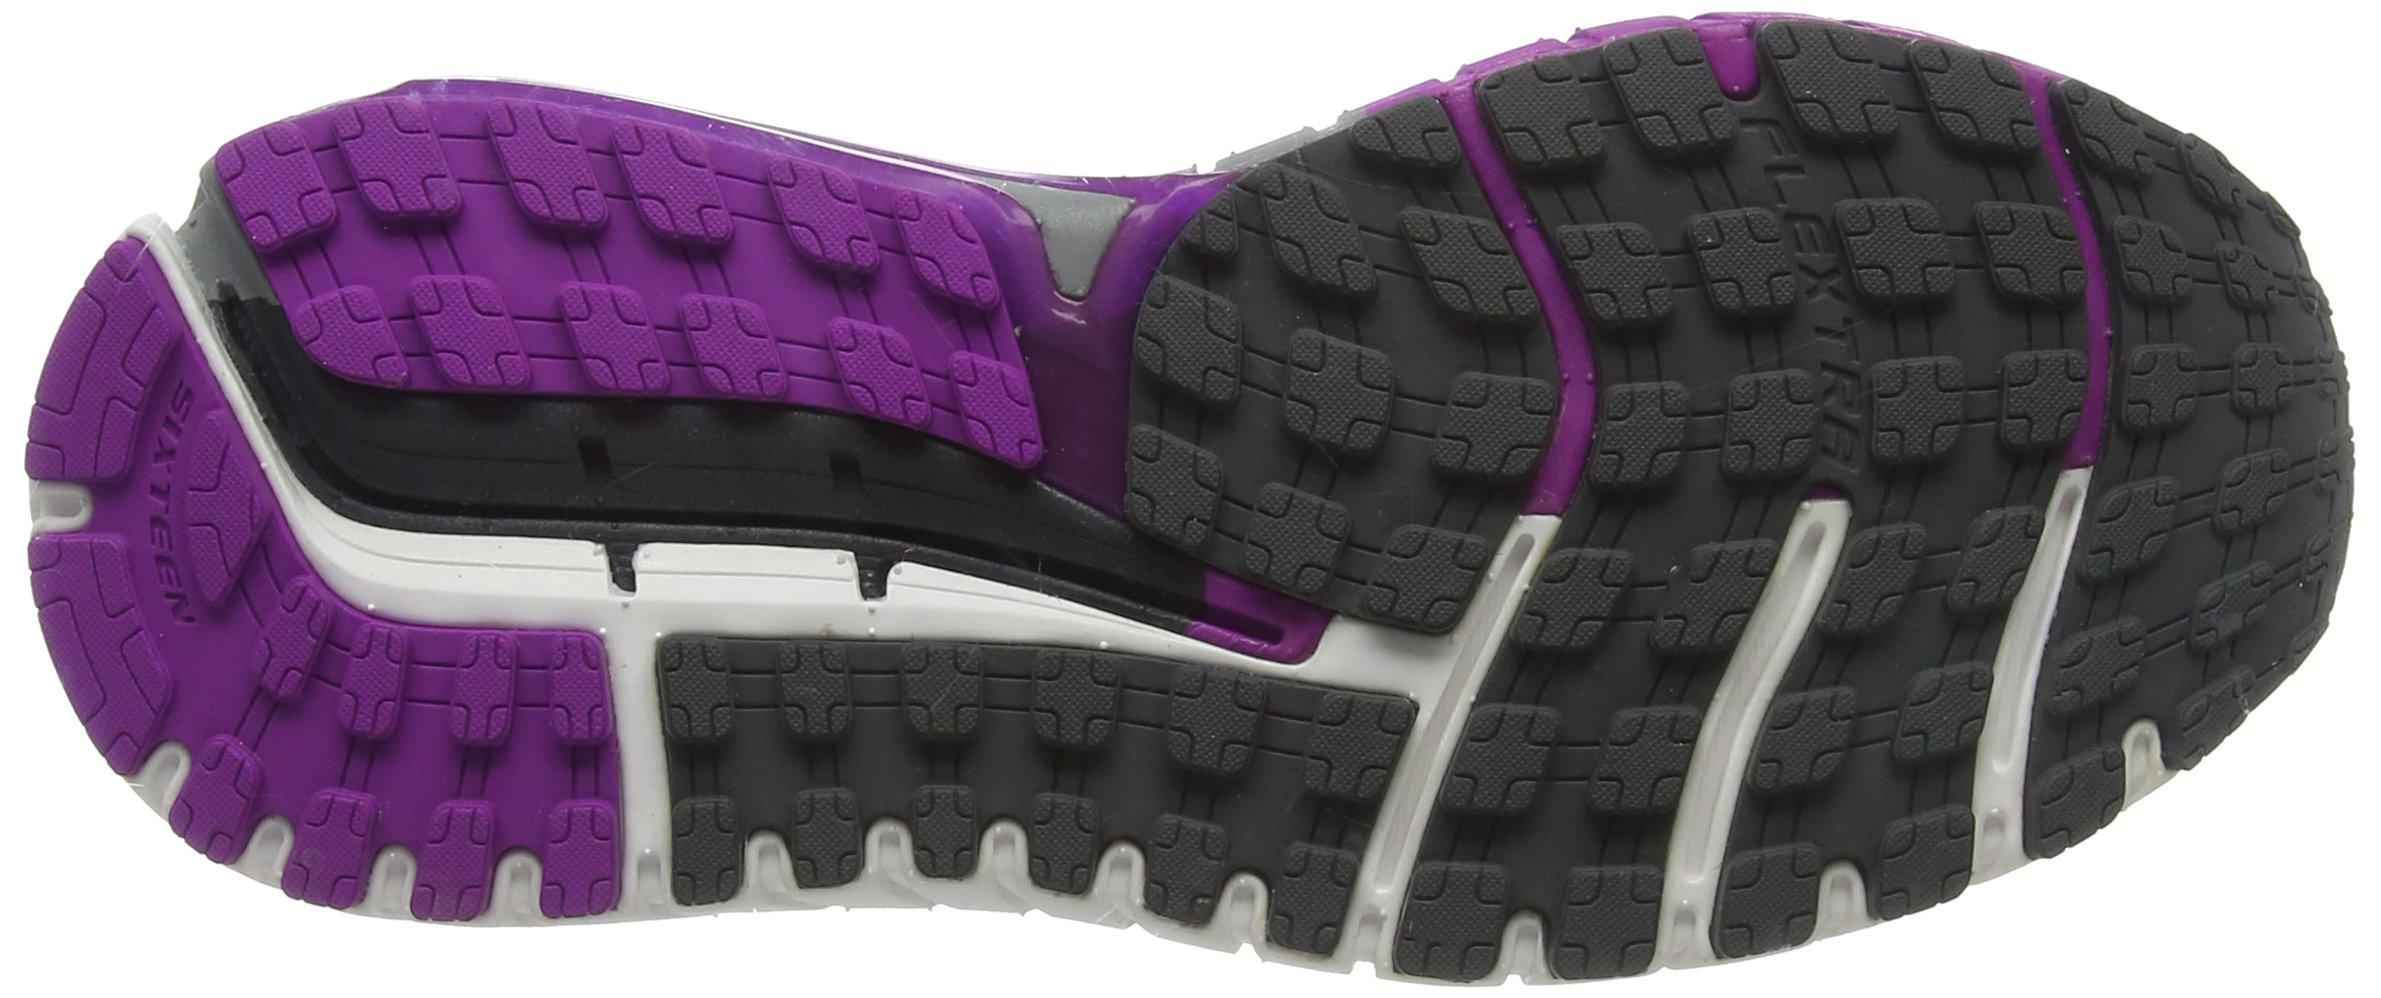 813L F5JtDL - Brooks Women's Ariel '16 Running Shoes